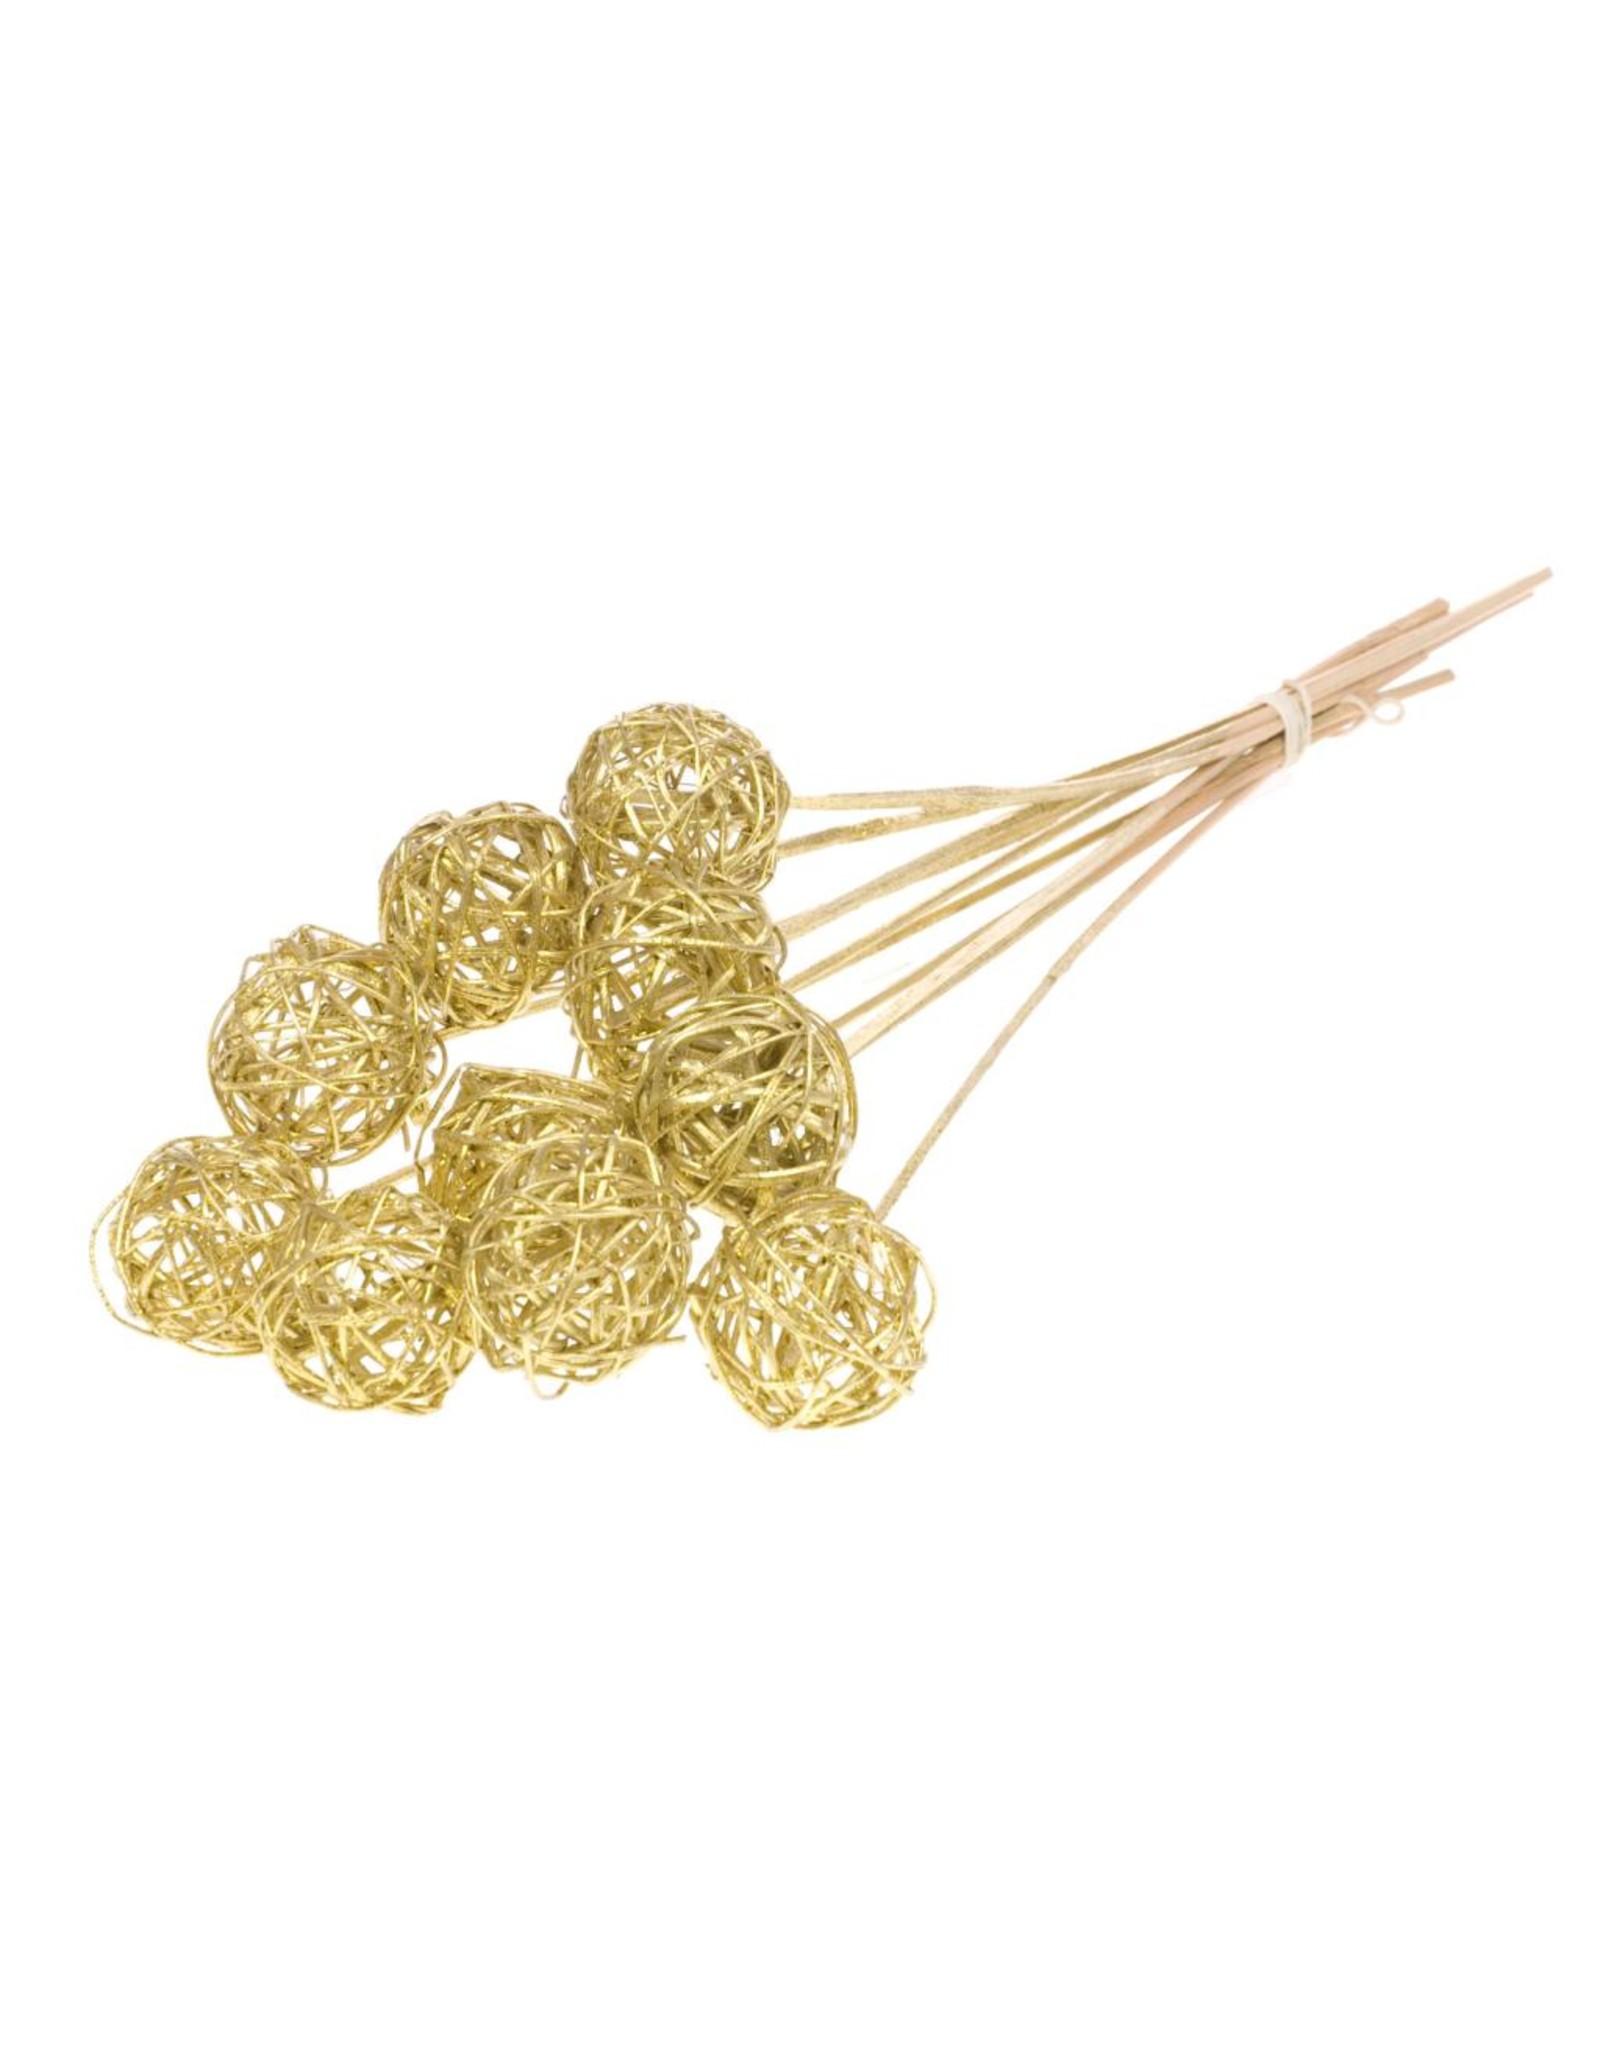 Brunch ball 5cm o/s 10pc gold gold glitter x 15